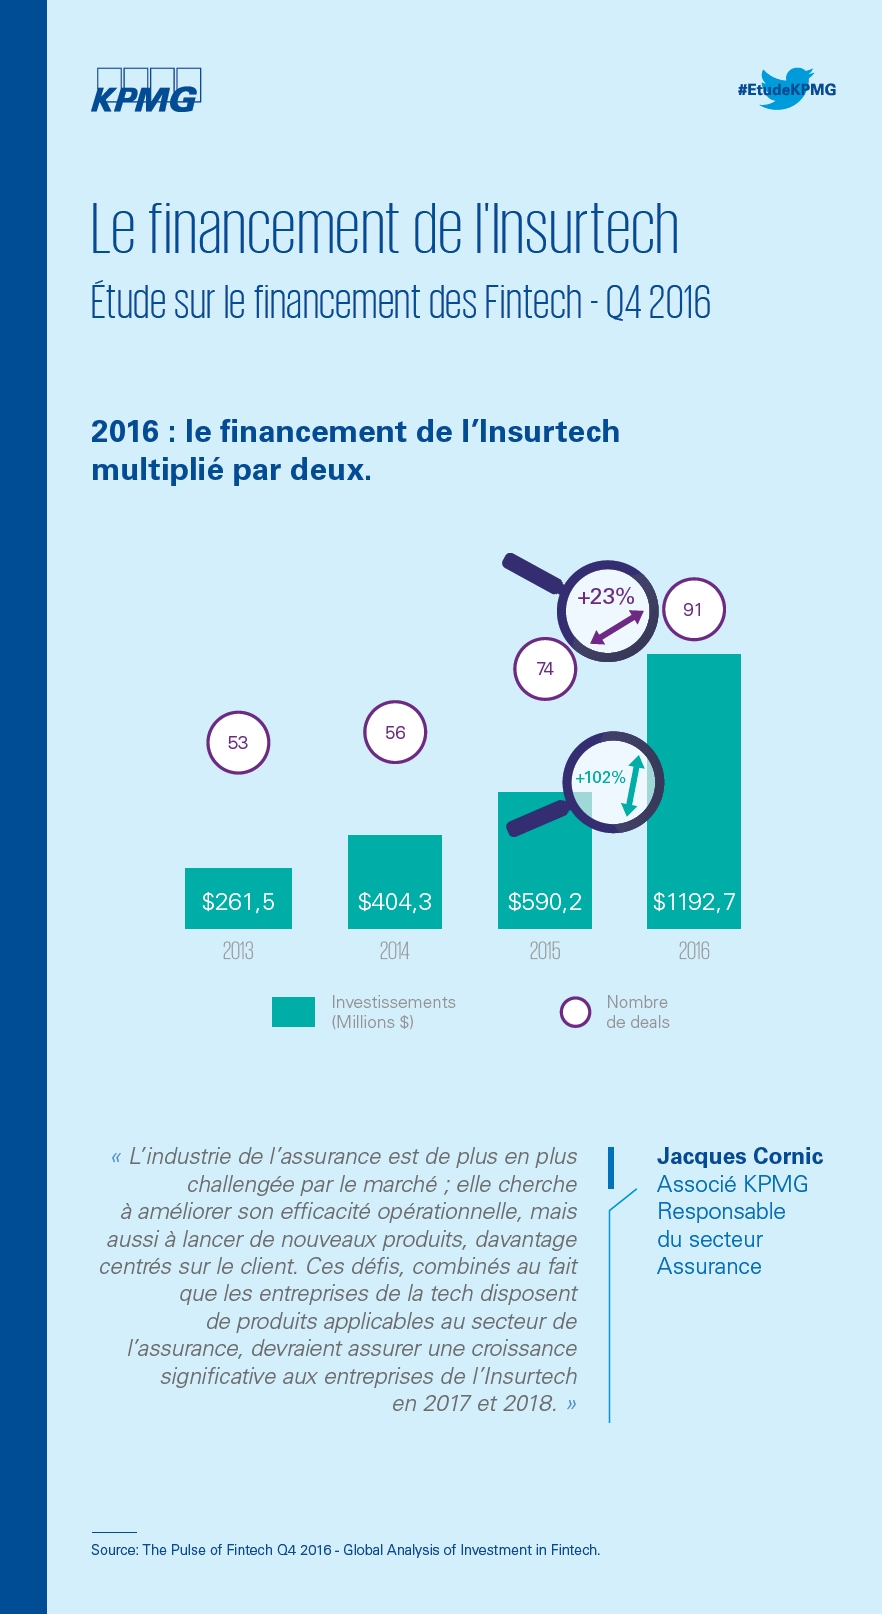 Financement des Fintech et Blocktech dans le monde (Q4 2016)